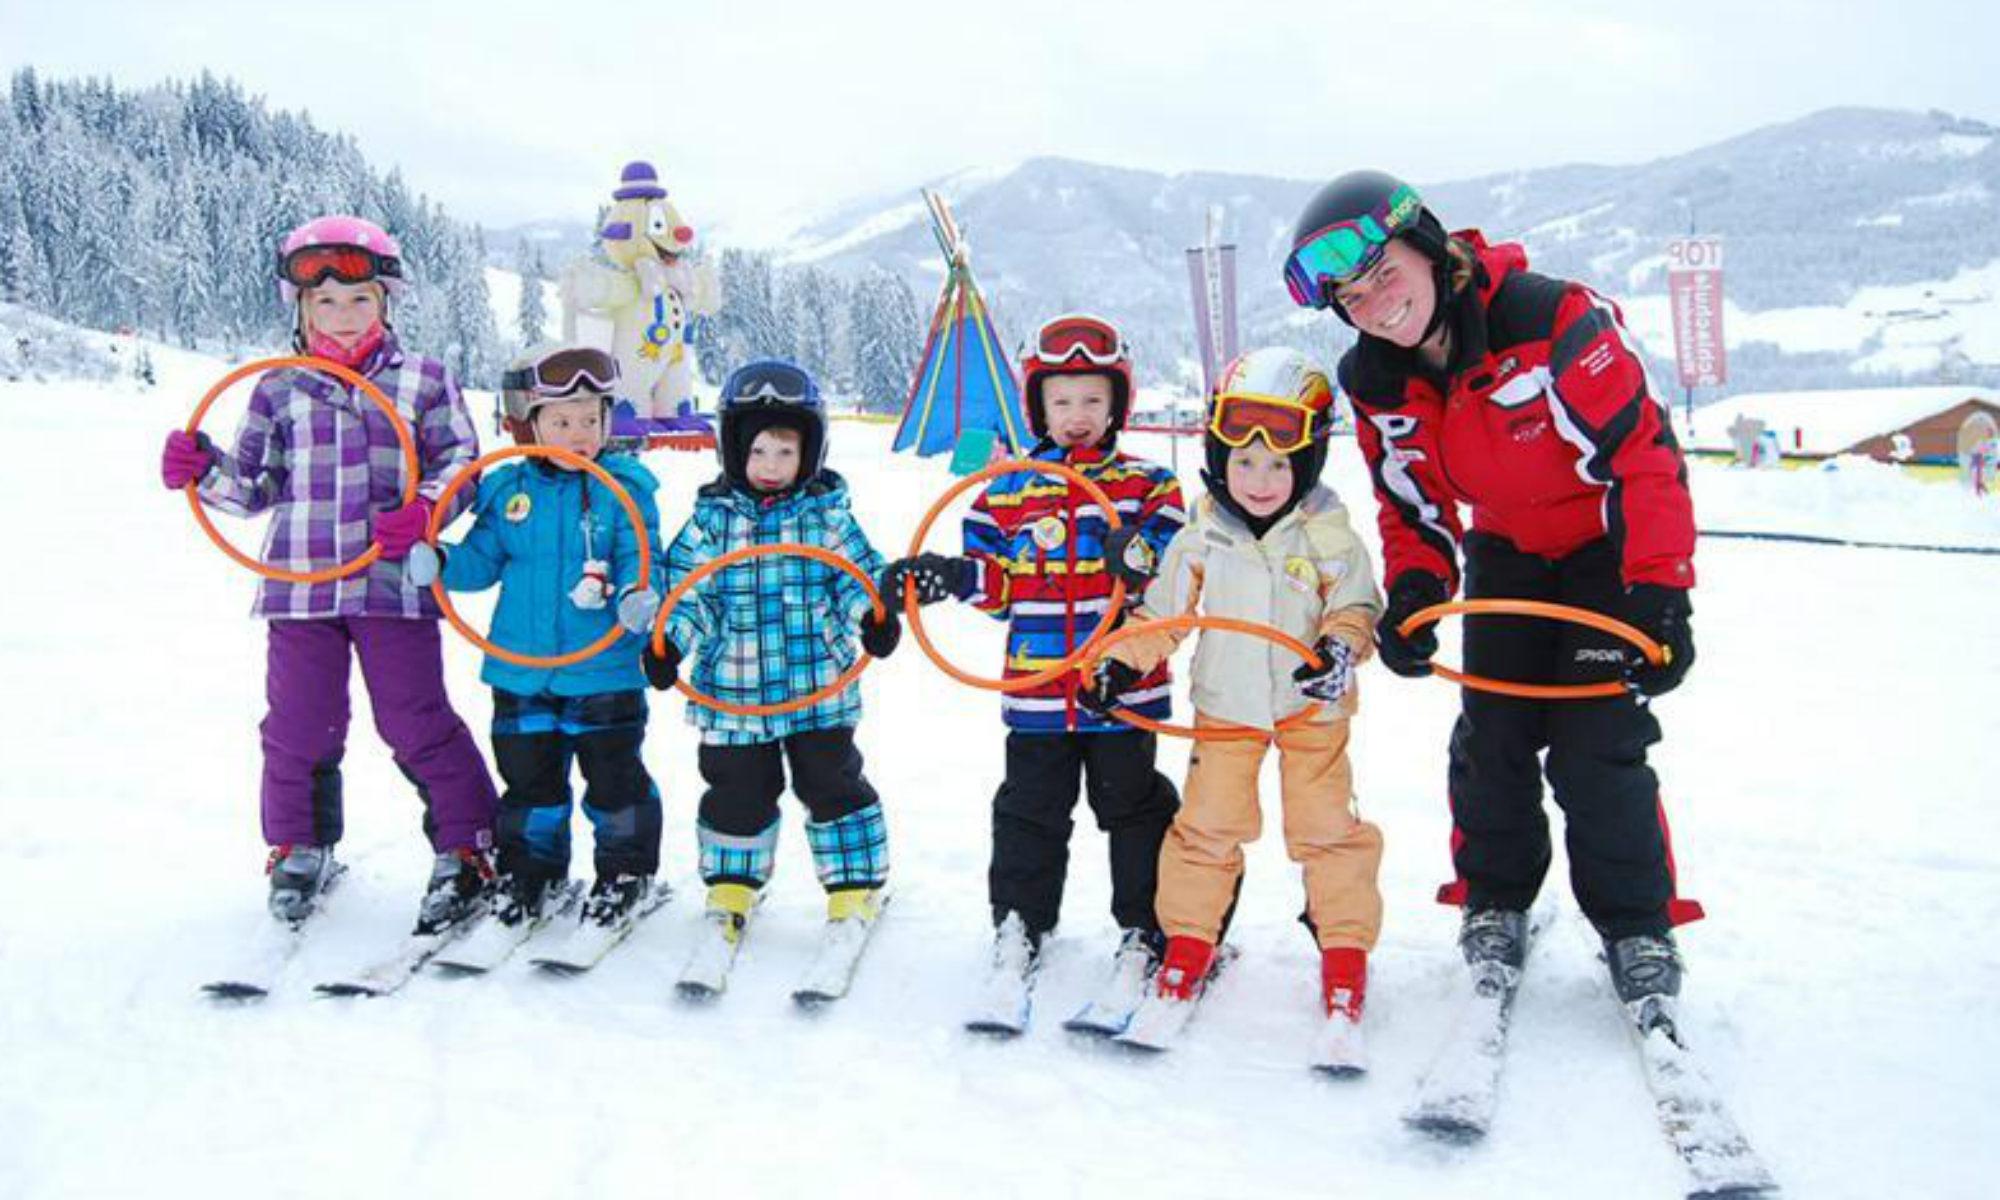 Een groep leerlingen poseert voor een foto met hun skilerares tijdens hun wintersport in Tirol.